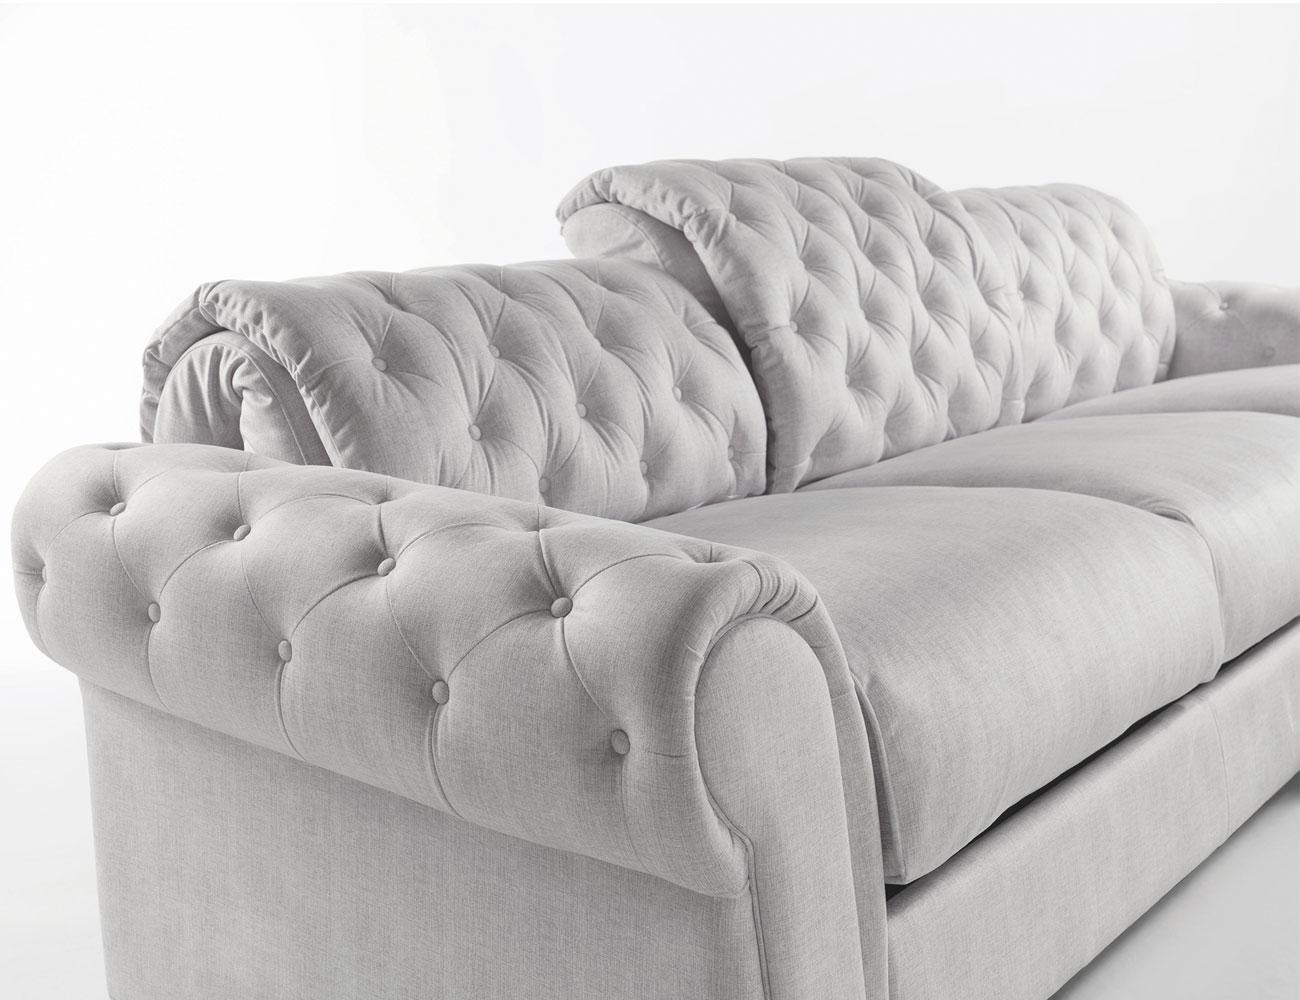 Sofa chaiselongue gran lujo decorativo capitone blanco tela 126